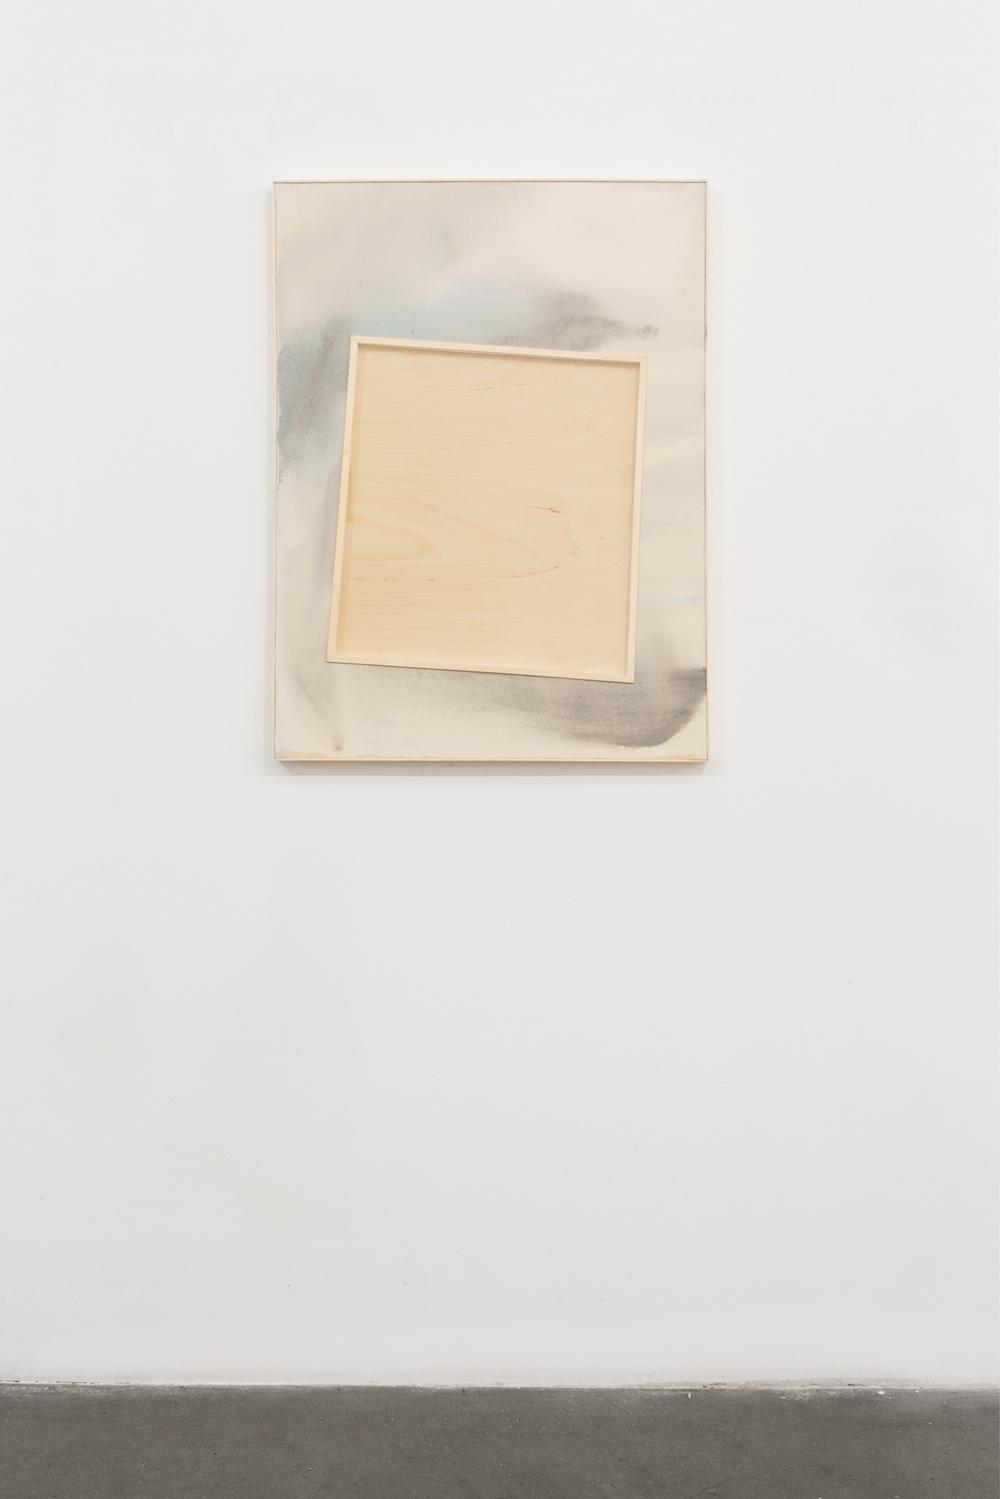 Béla Pablo Jansen, L.S.S.L.D.L'A. /No. IV/, 2016